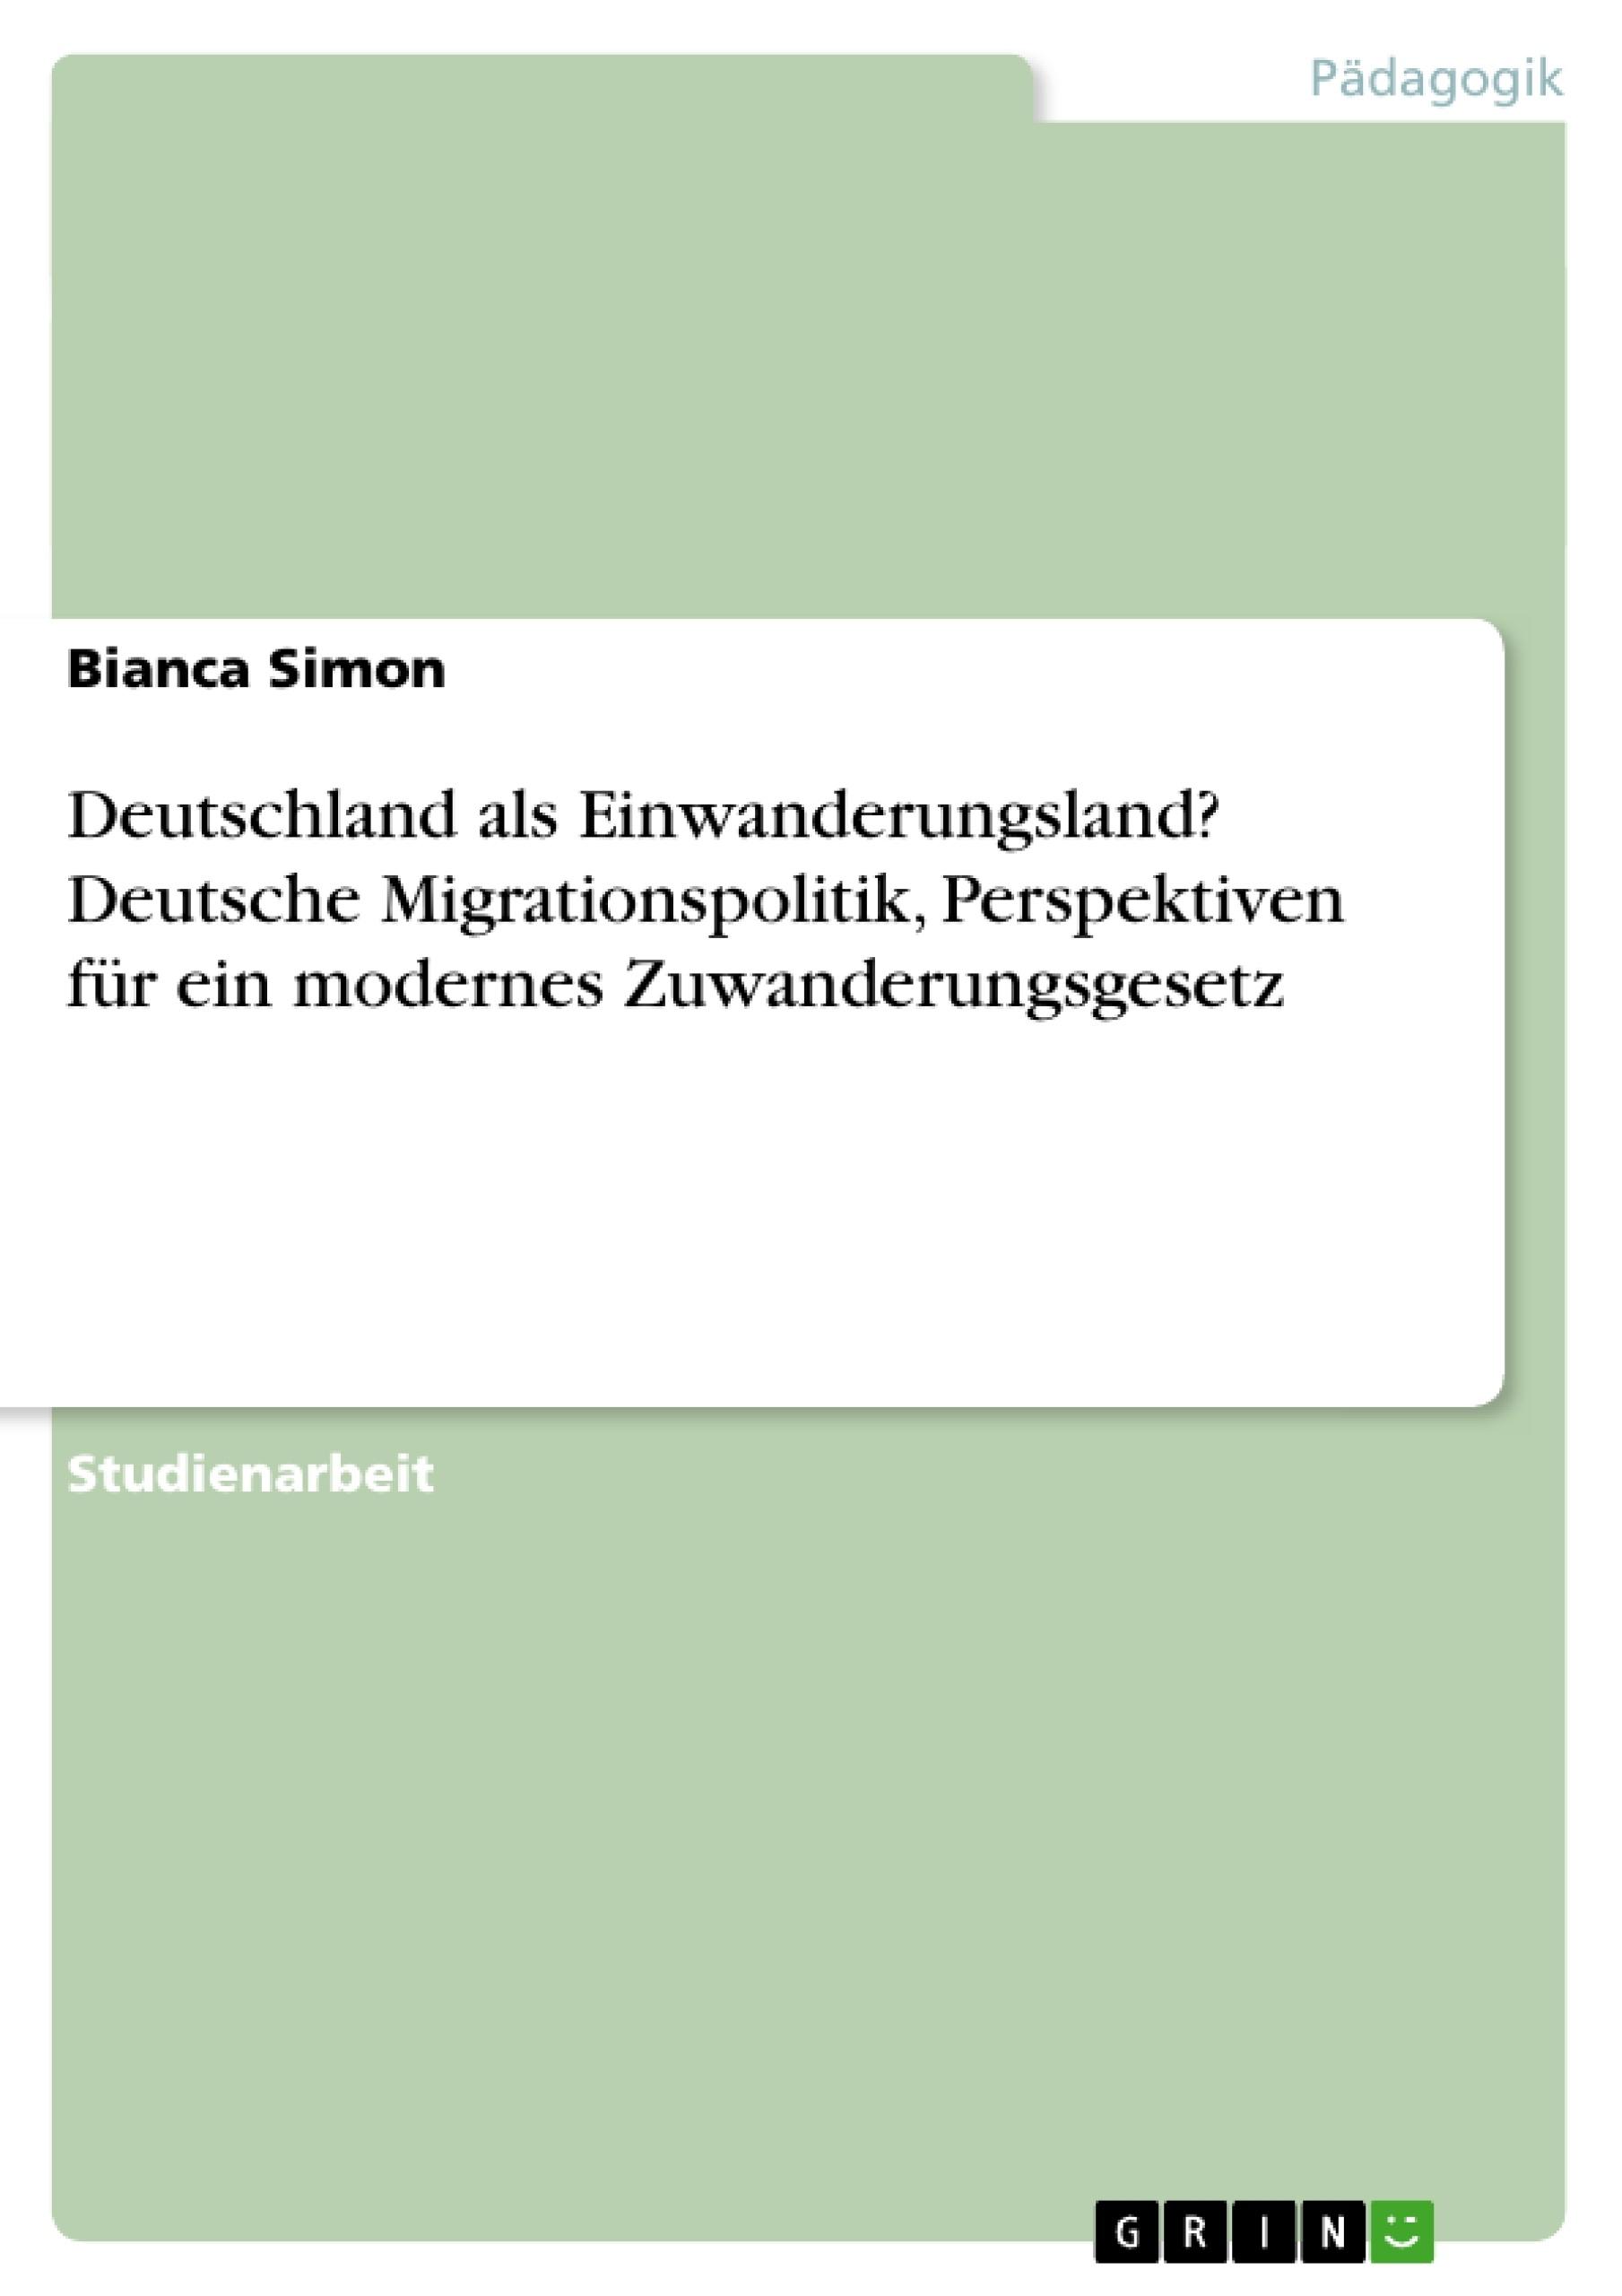 Titel: Deutschland als Einwanderungsland? Deutsche Migrationspolitik, Perspektiven für ein modernes Zuwanderungsgesetz